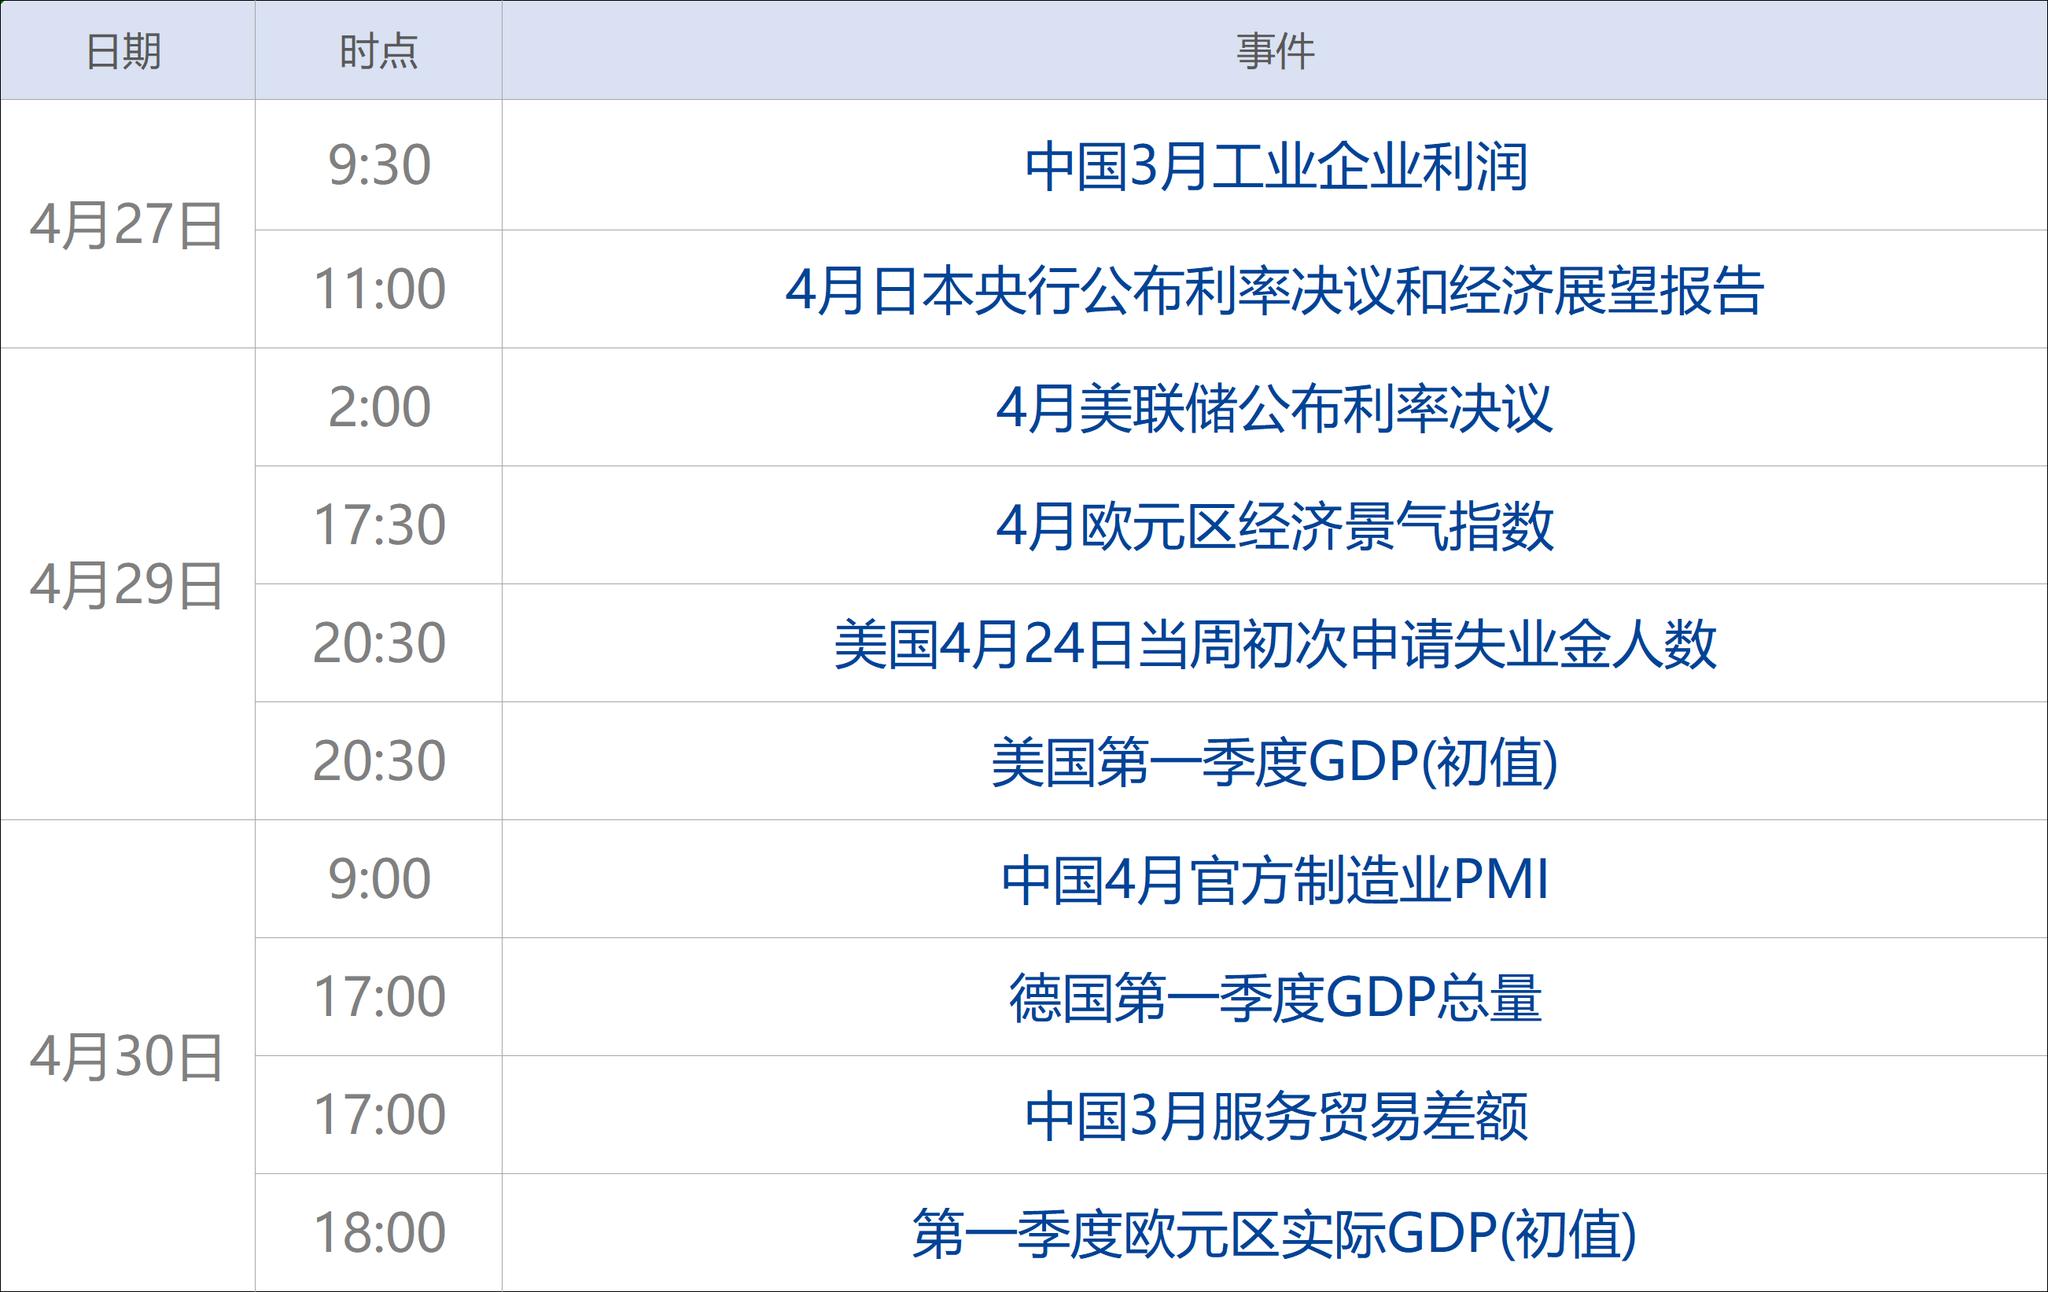 本周重磅日程!美联储会议及鲍威尔讲话 中国官方制造业PMI公布